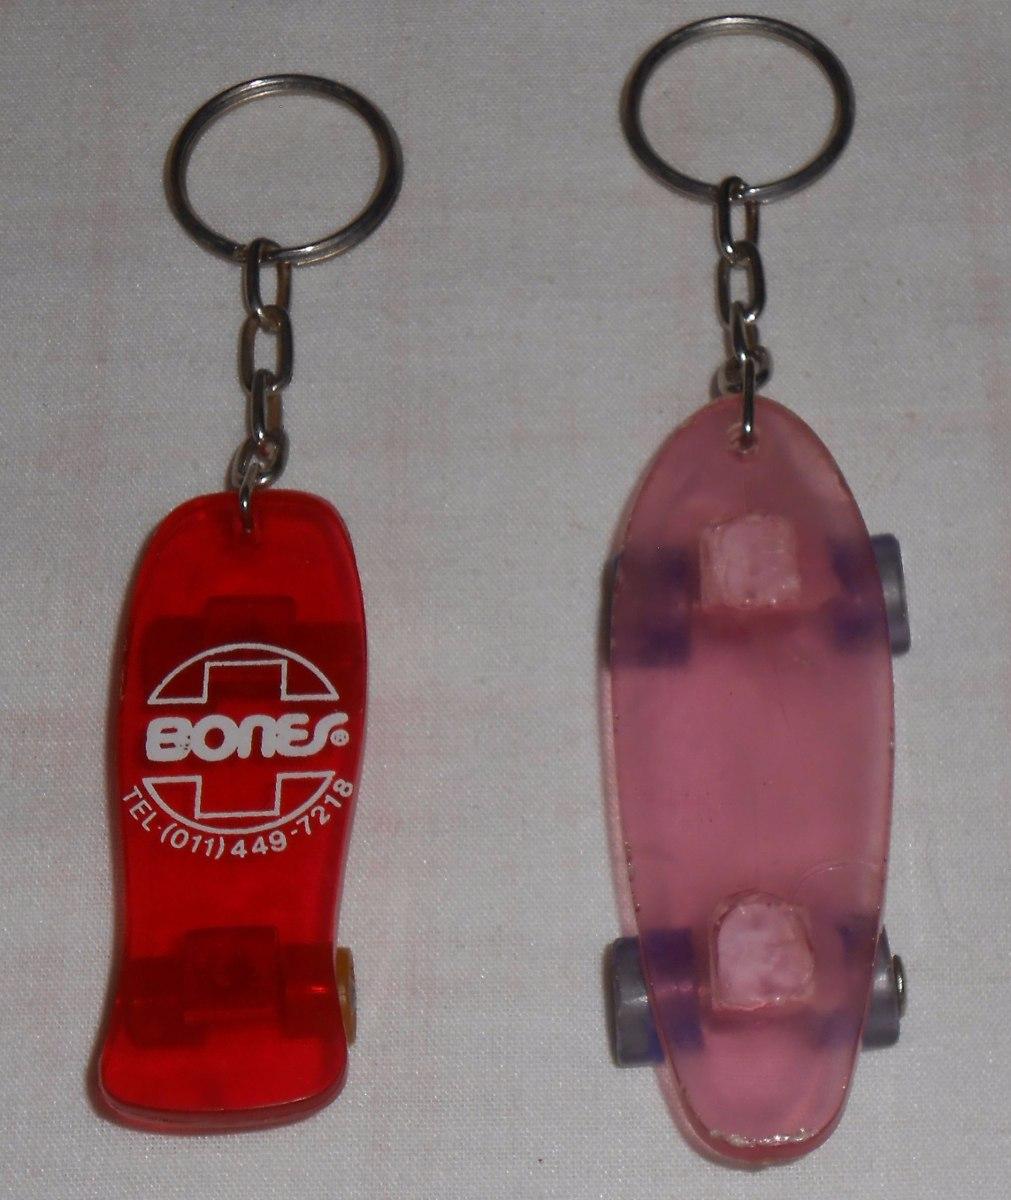 e11f7618a33ab chaveiro lote skate plástico marca suíça de rolamentos bones. Carregando  zoom.